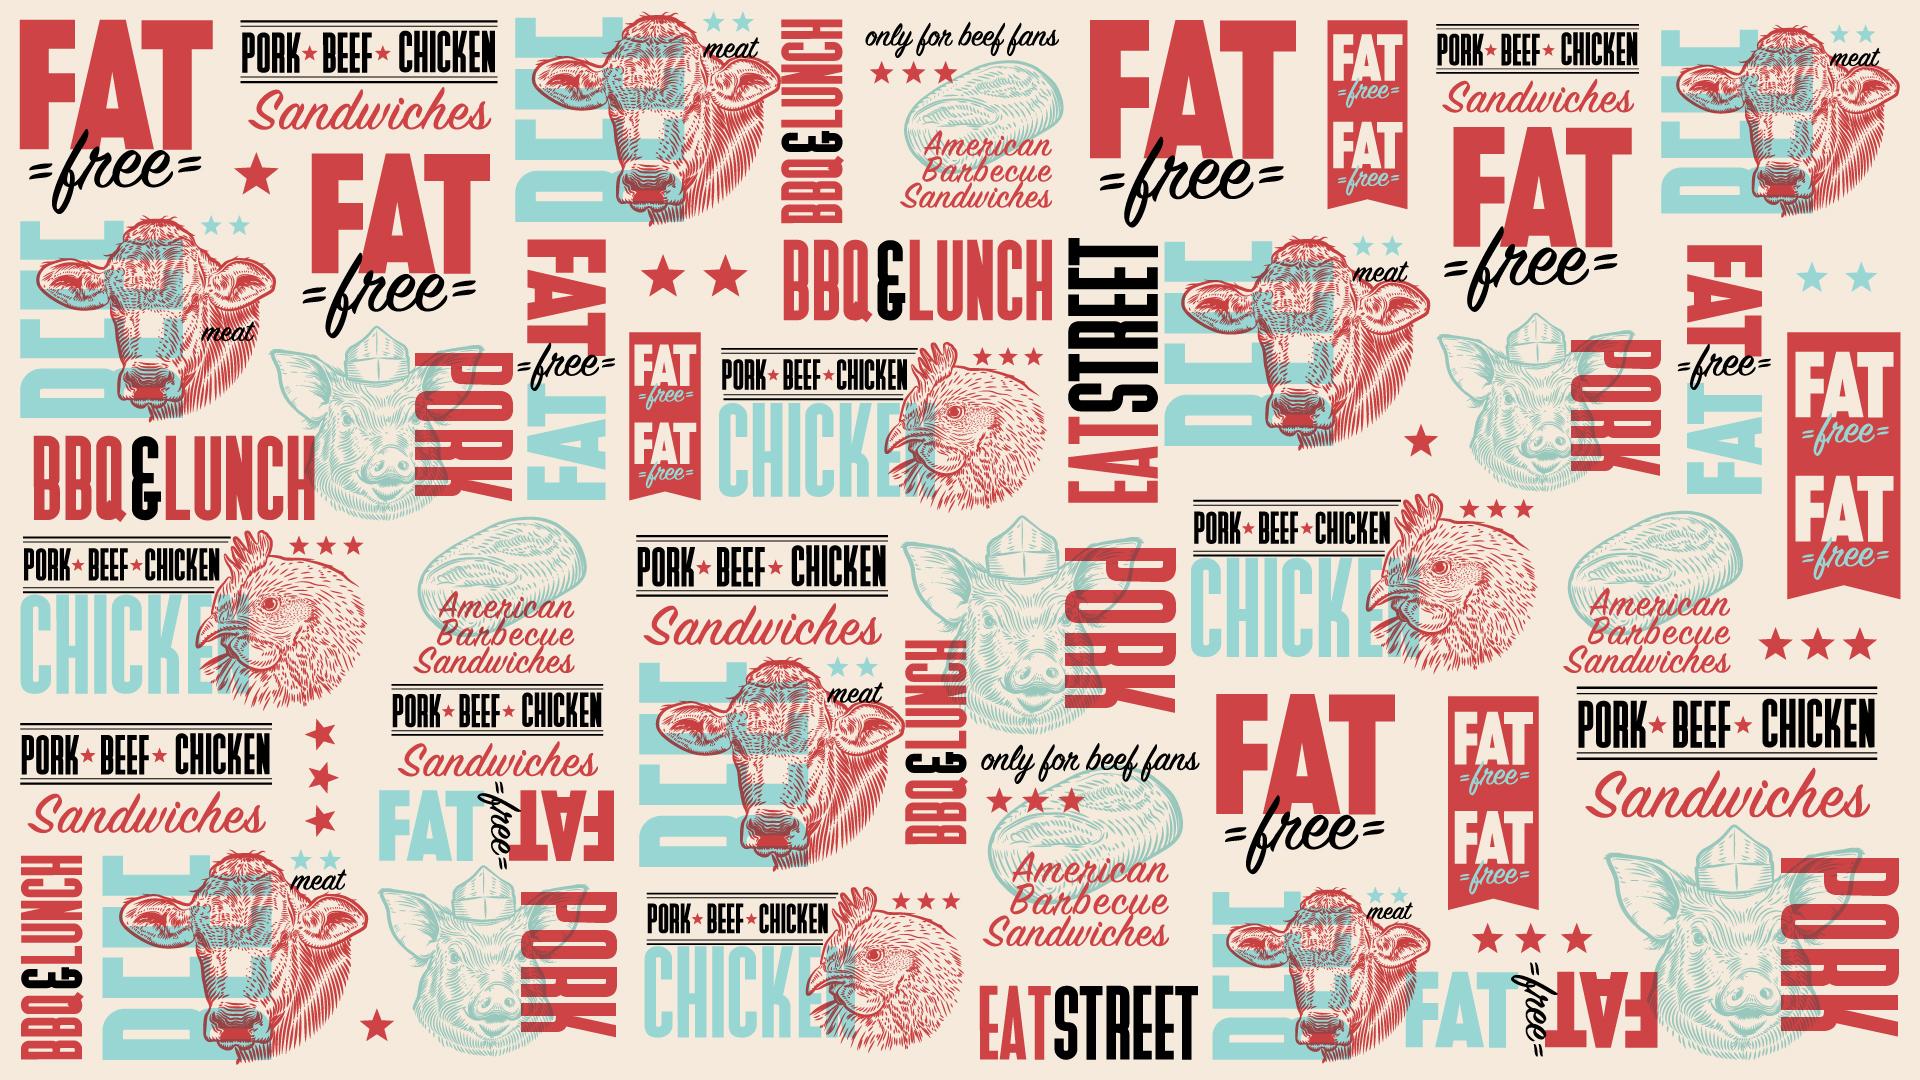 Fat-Free_foto2